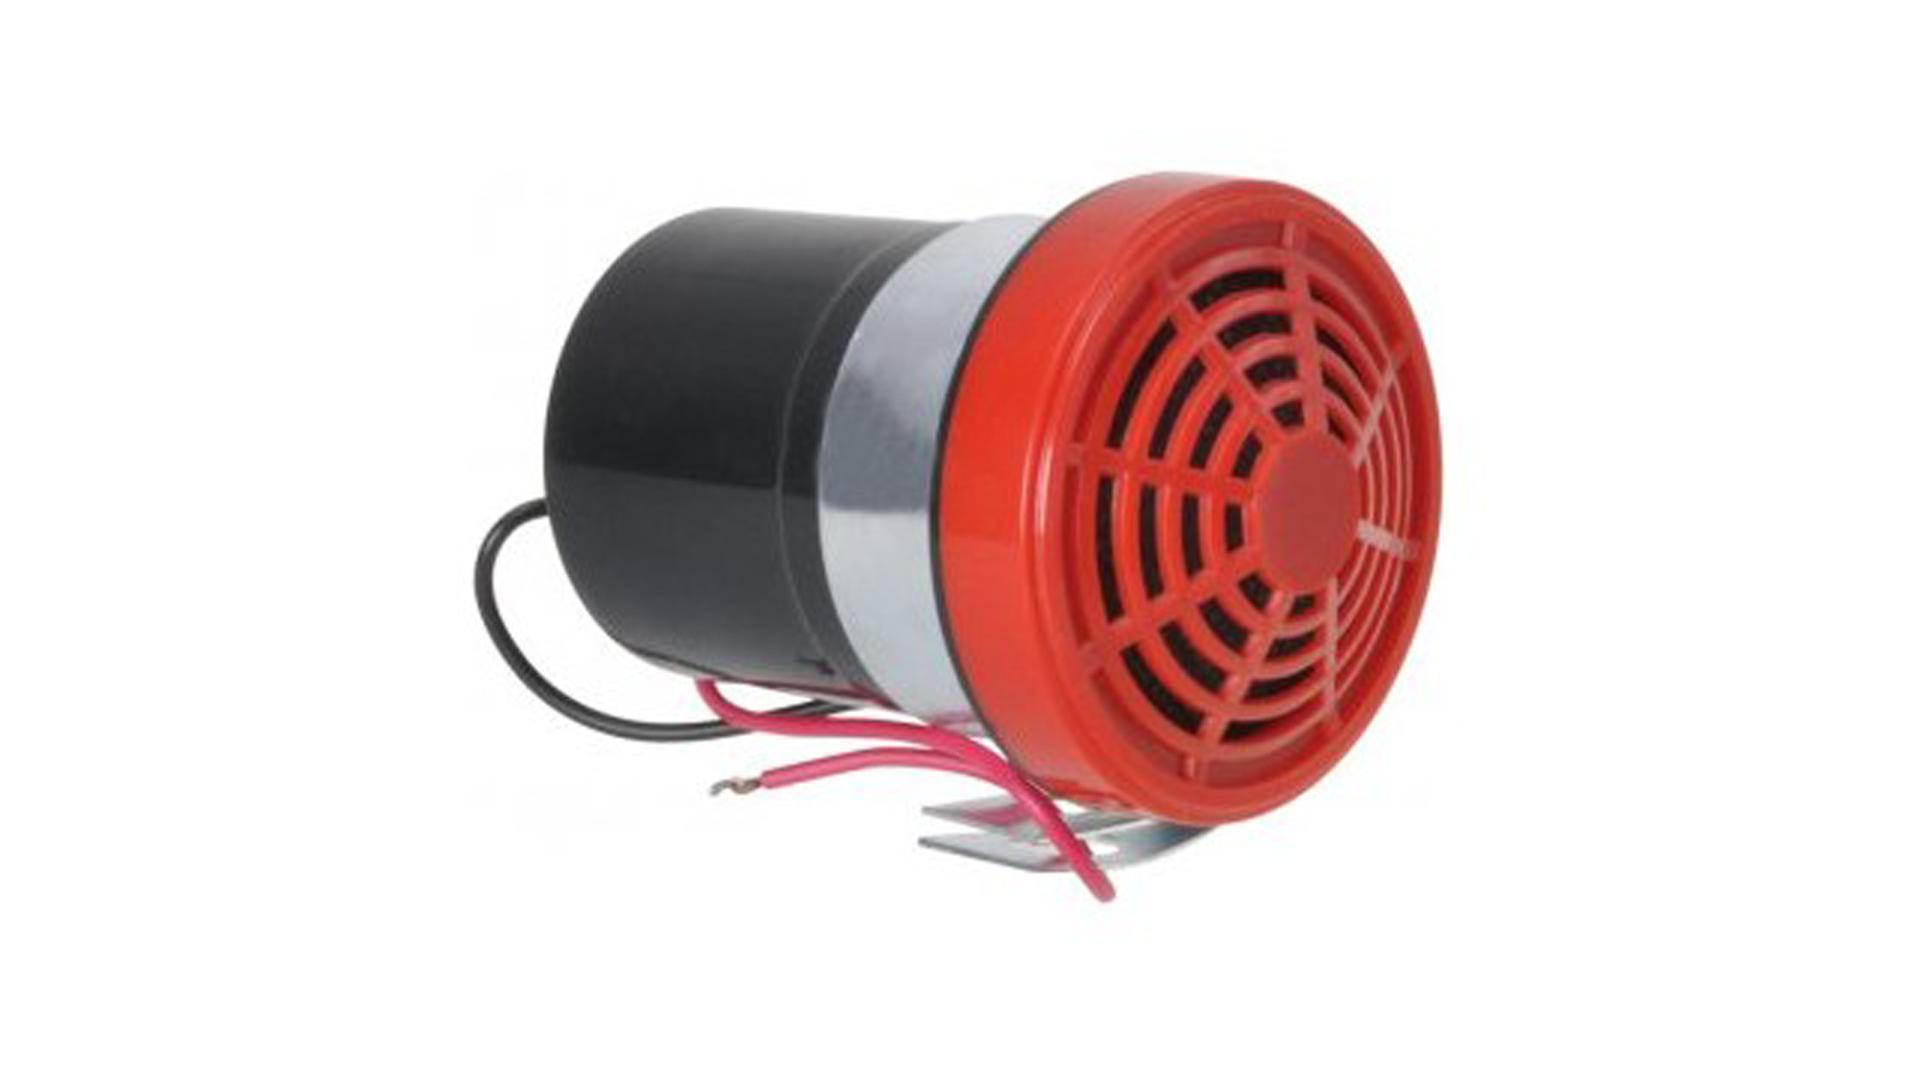 4CARS Alarm couvací velký 12V (Náhrada)